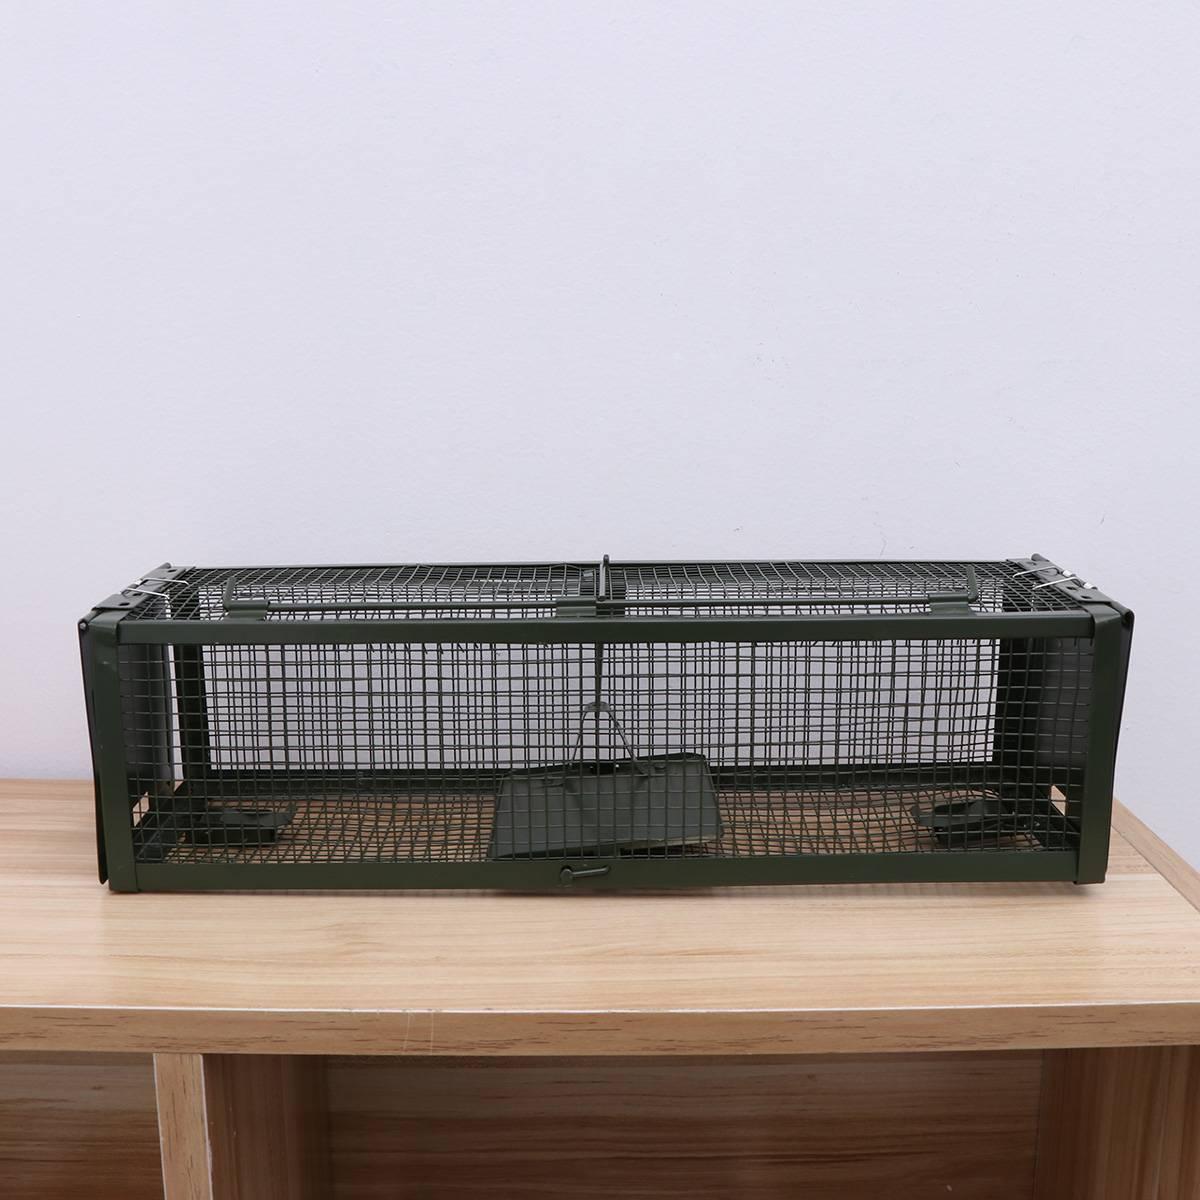 Электрические крысоловки: обзор лучших электронных ловушек для крыс и мышей и отзывы об их применении